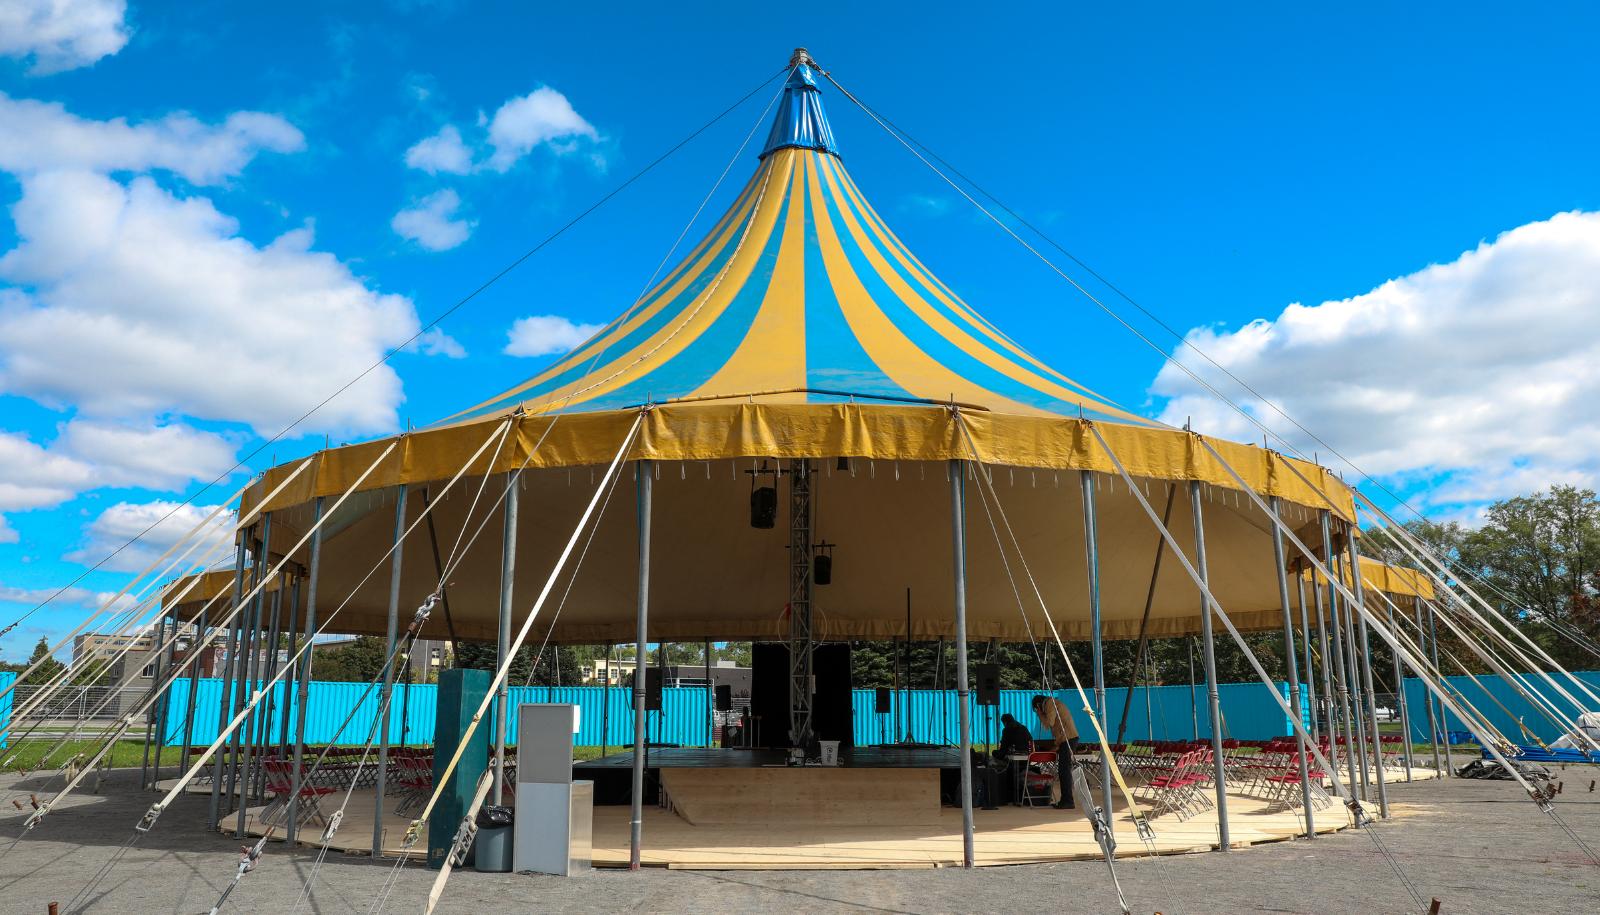 Battements de cirque 1